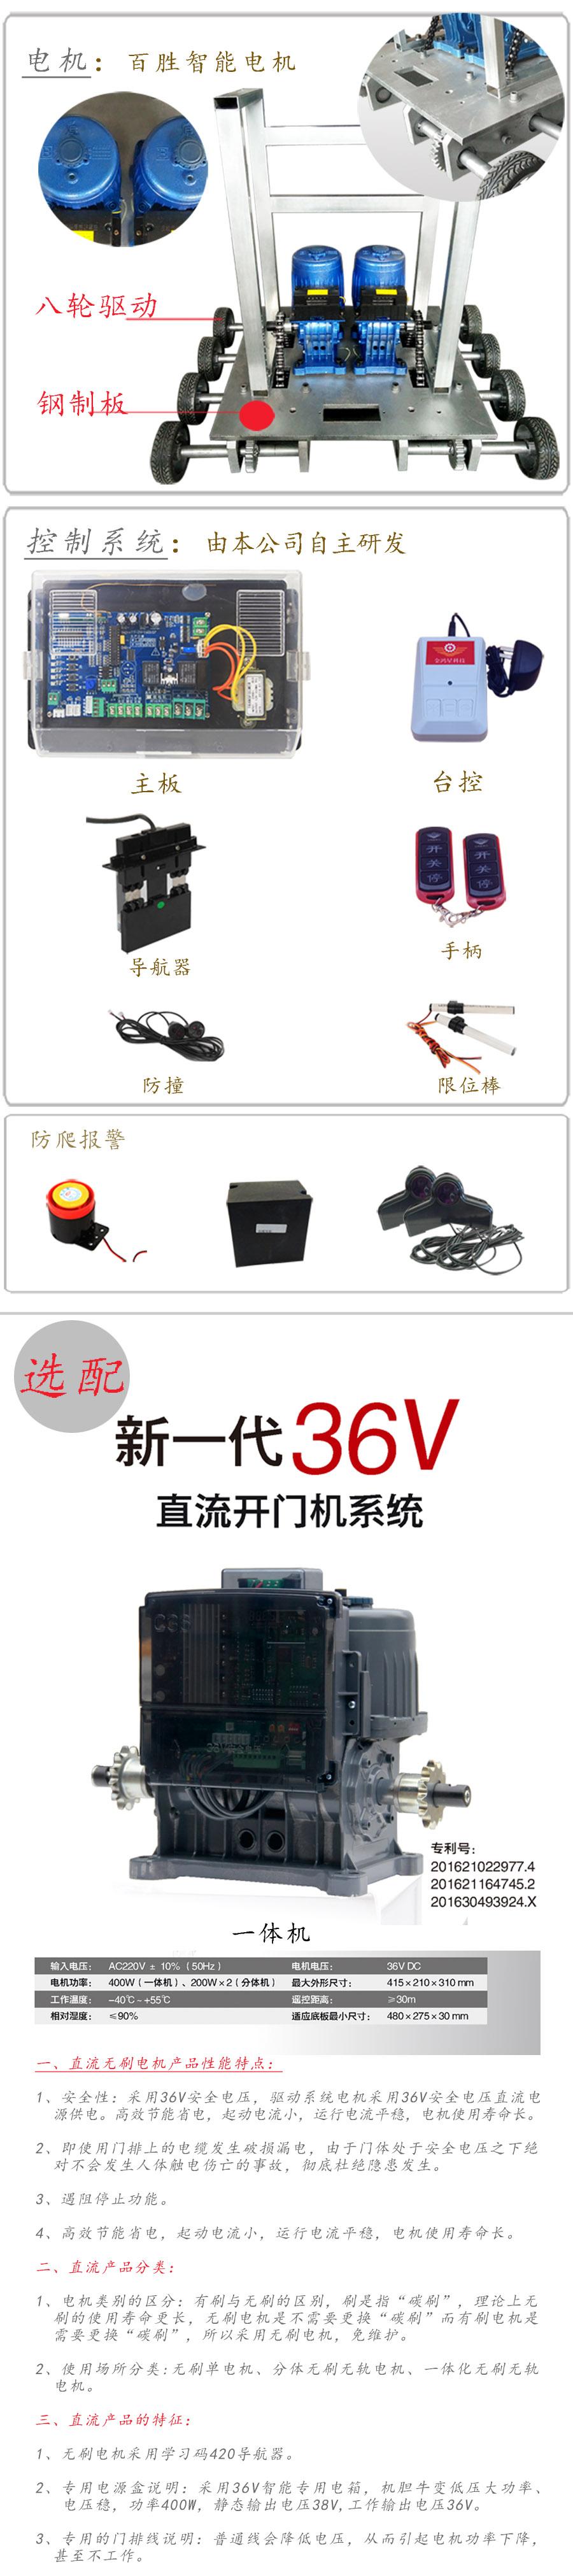 翔龙380A-GY